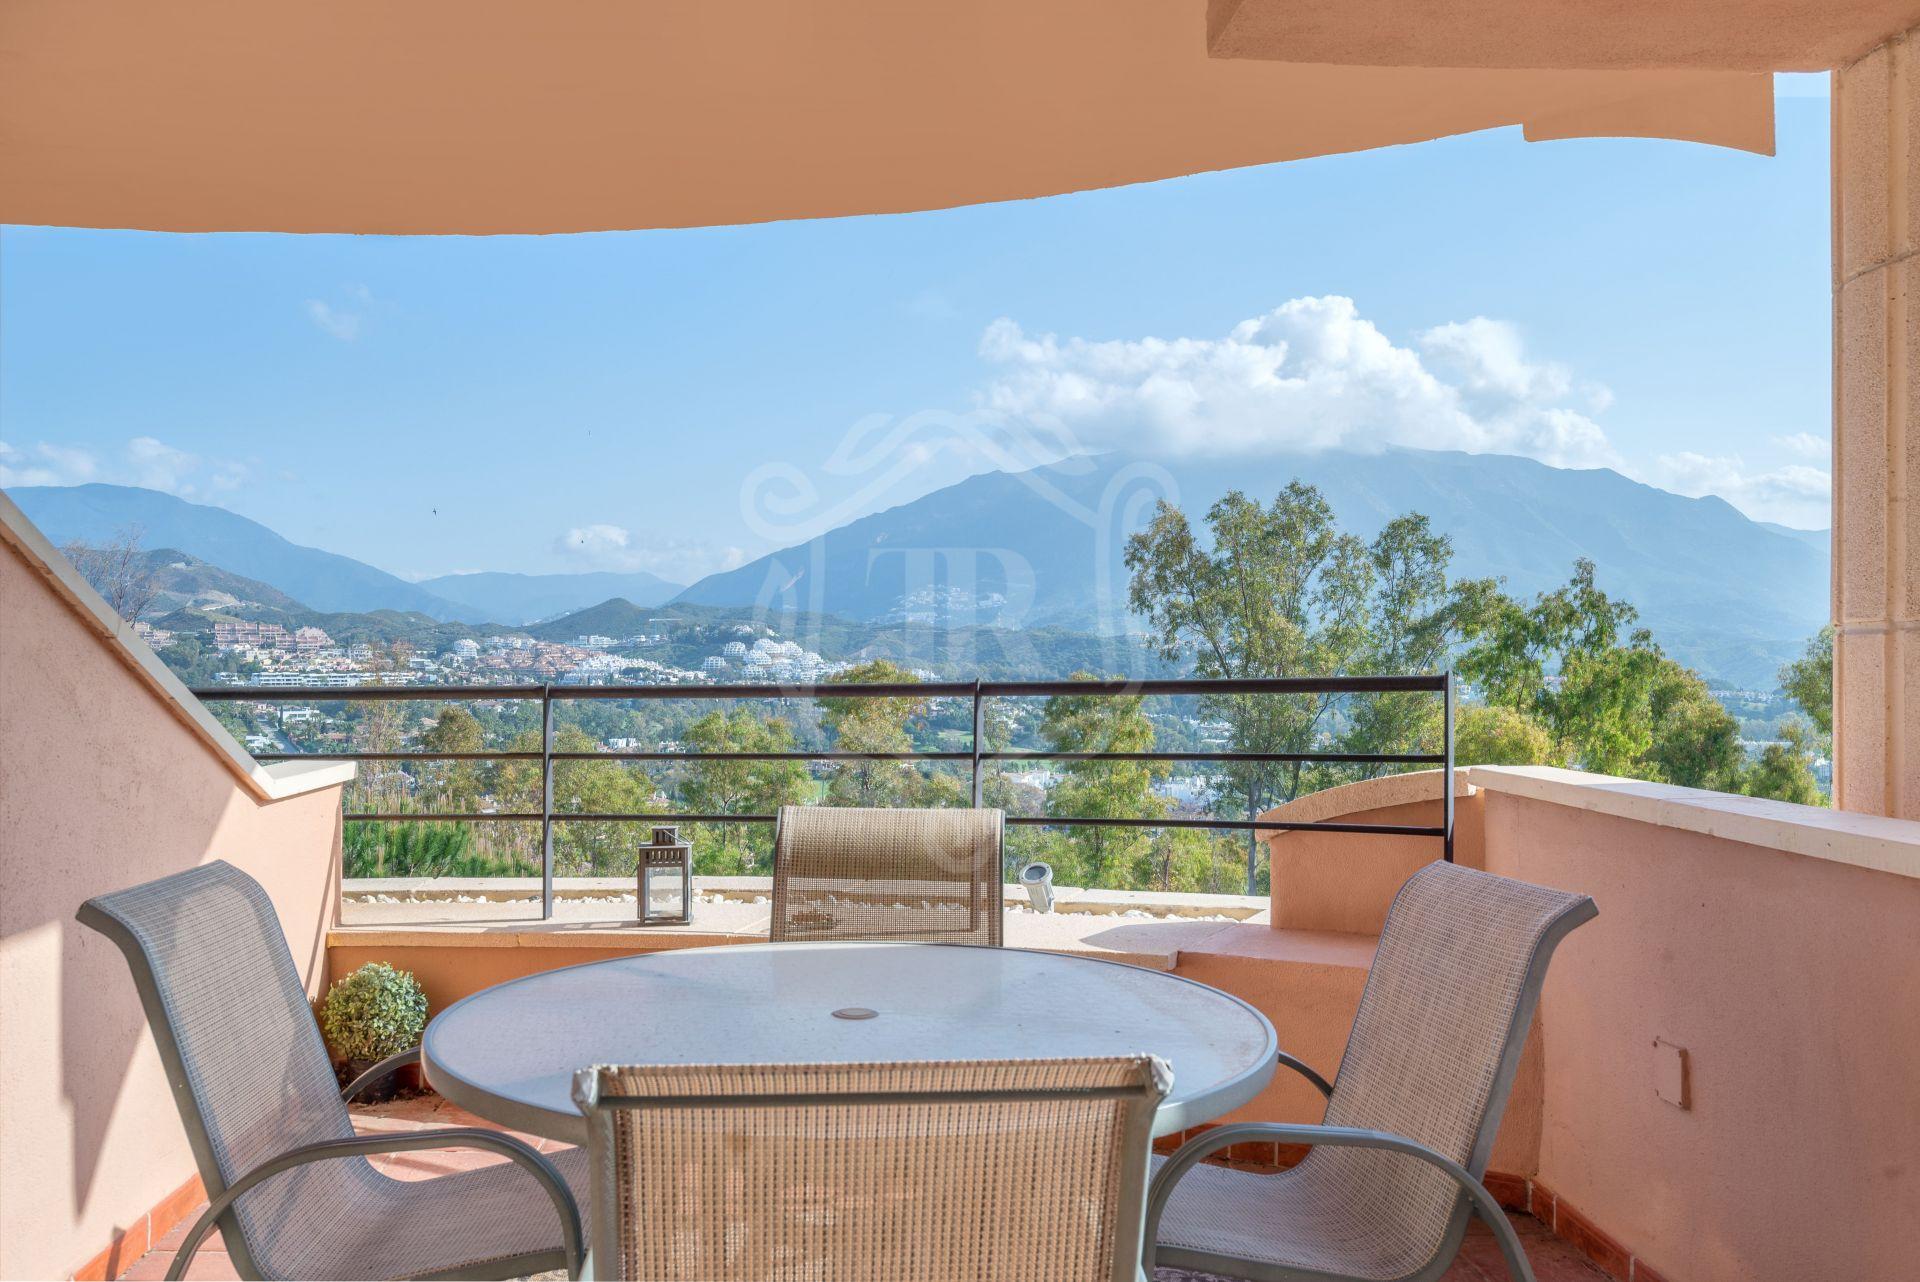 Encantador apartamento de 2 dormitorios en Nueva Andalucía con vistas a la montaña